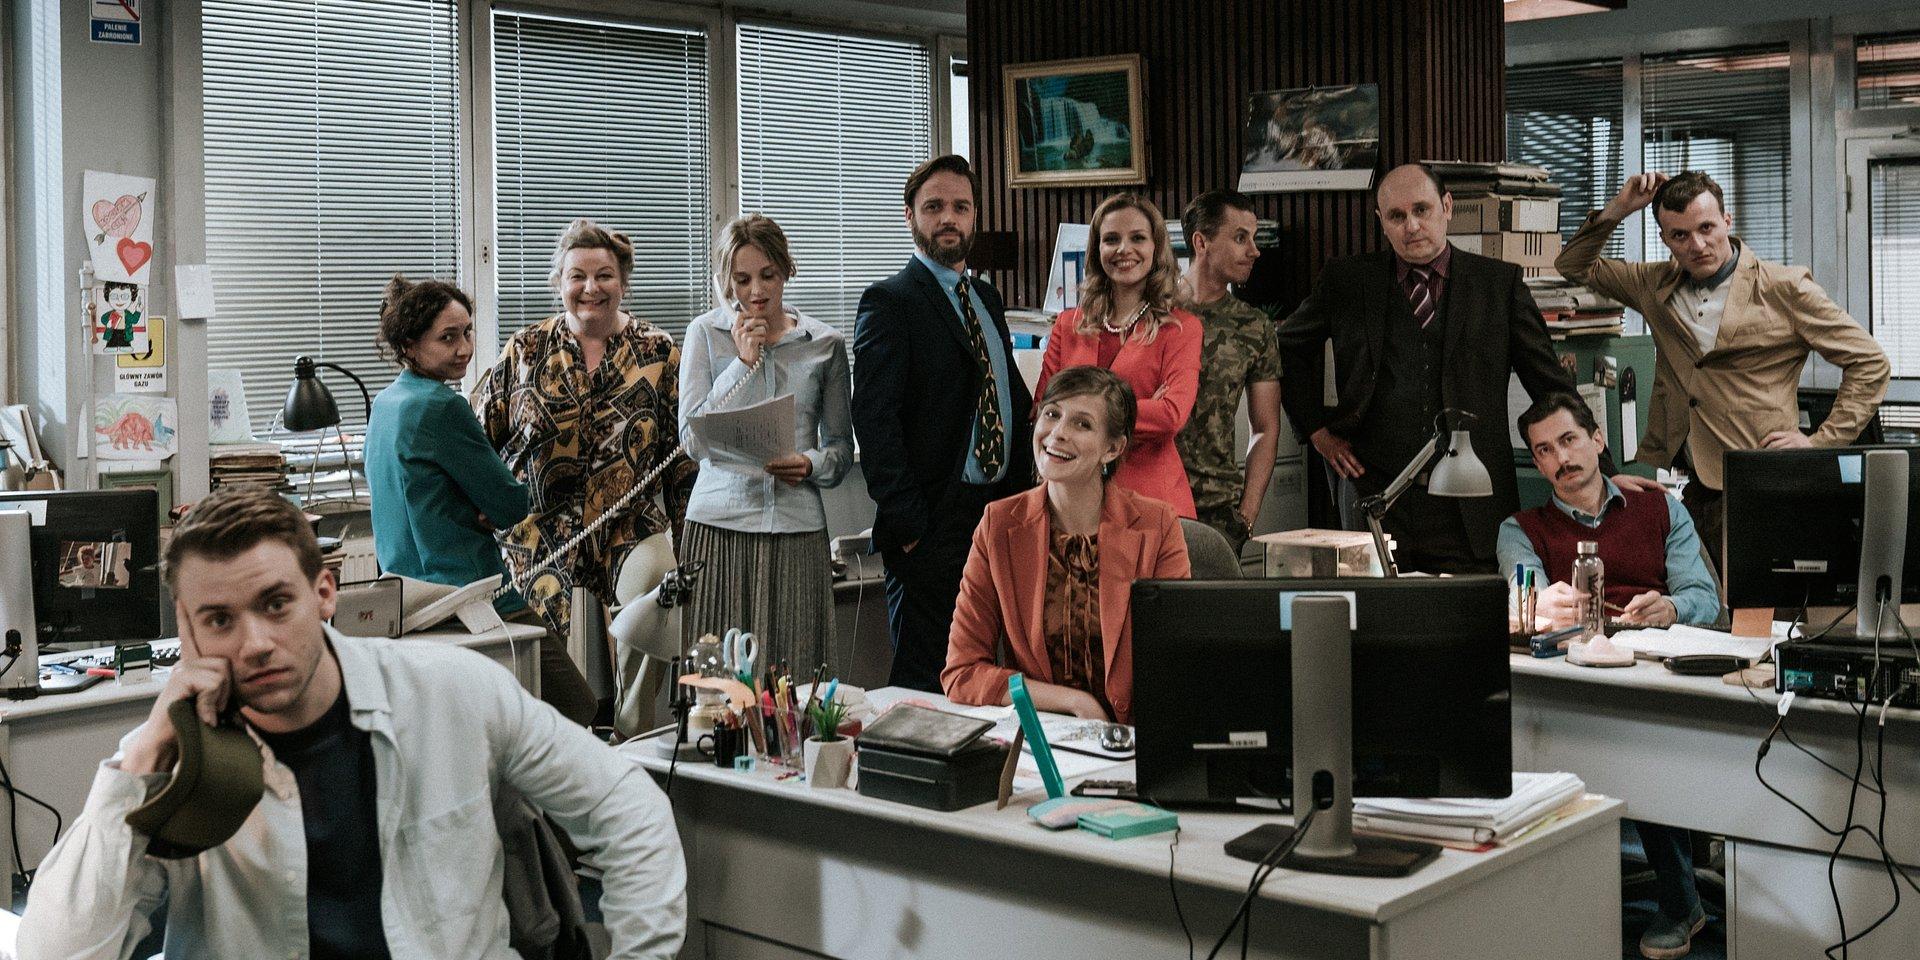 CANAL + Polska we współpracy z BBC Studios realizuje polską wersję kultowego THE OFFICE